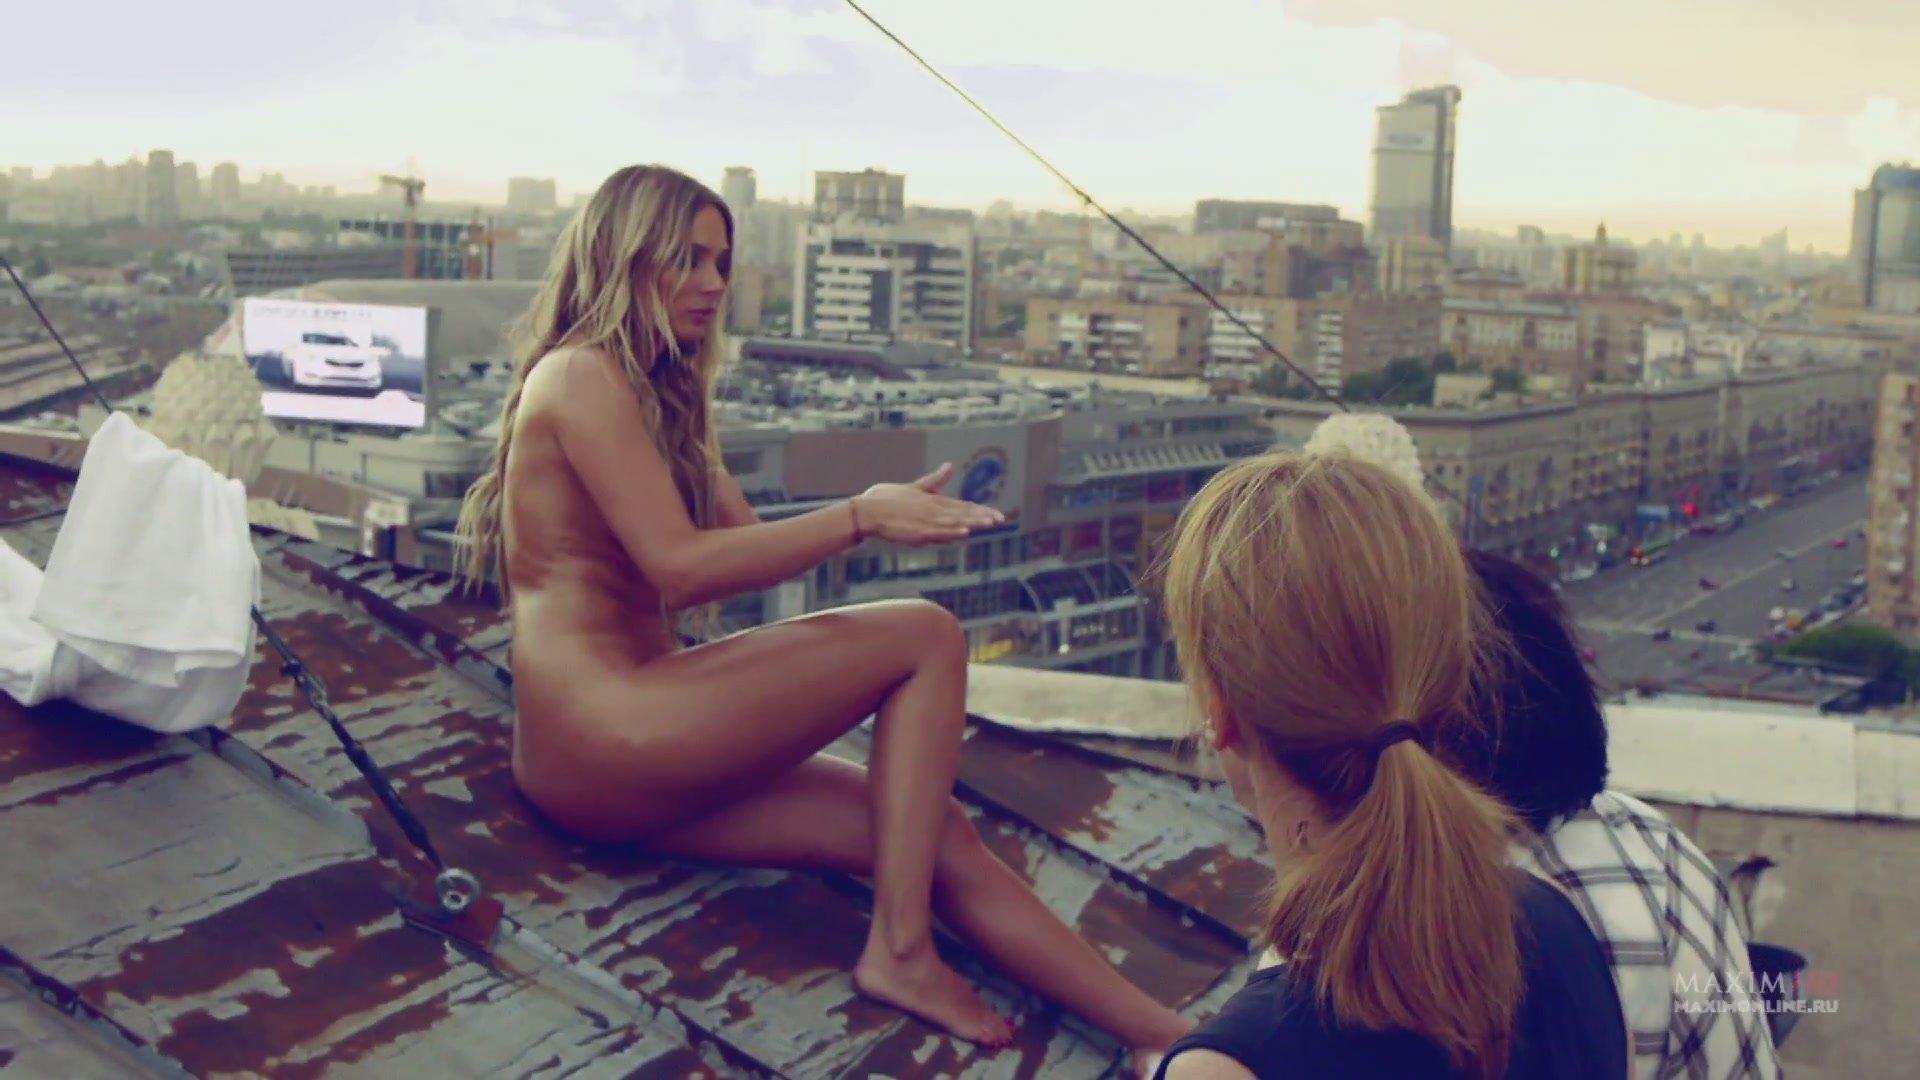 Русское порно В поезде  смотреть бесплатно